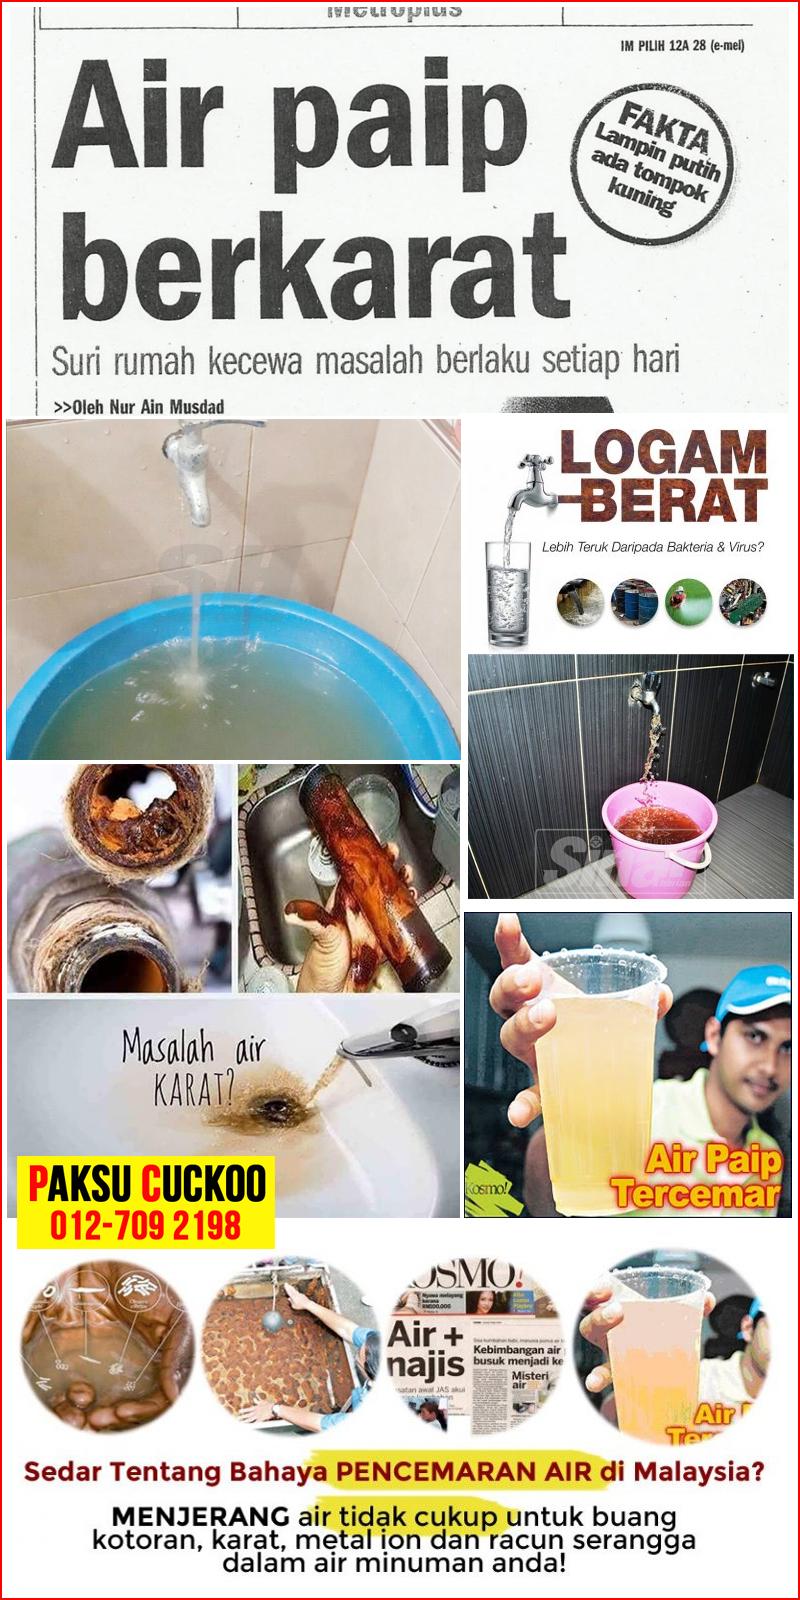 semua rumah di malaysia memerlukan cuckoo outdoor water purifier pahang kuantan mesin penulen air luar rumah untuk membersihkan air yang masuk ke dalam rumah bersih